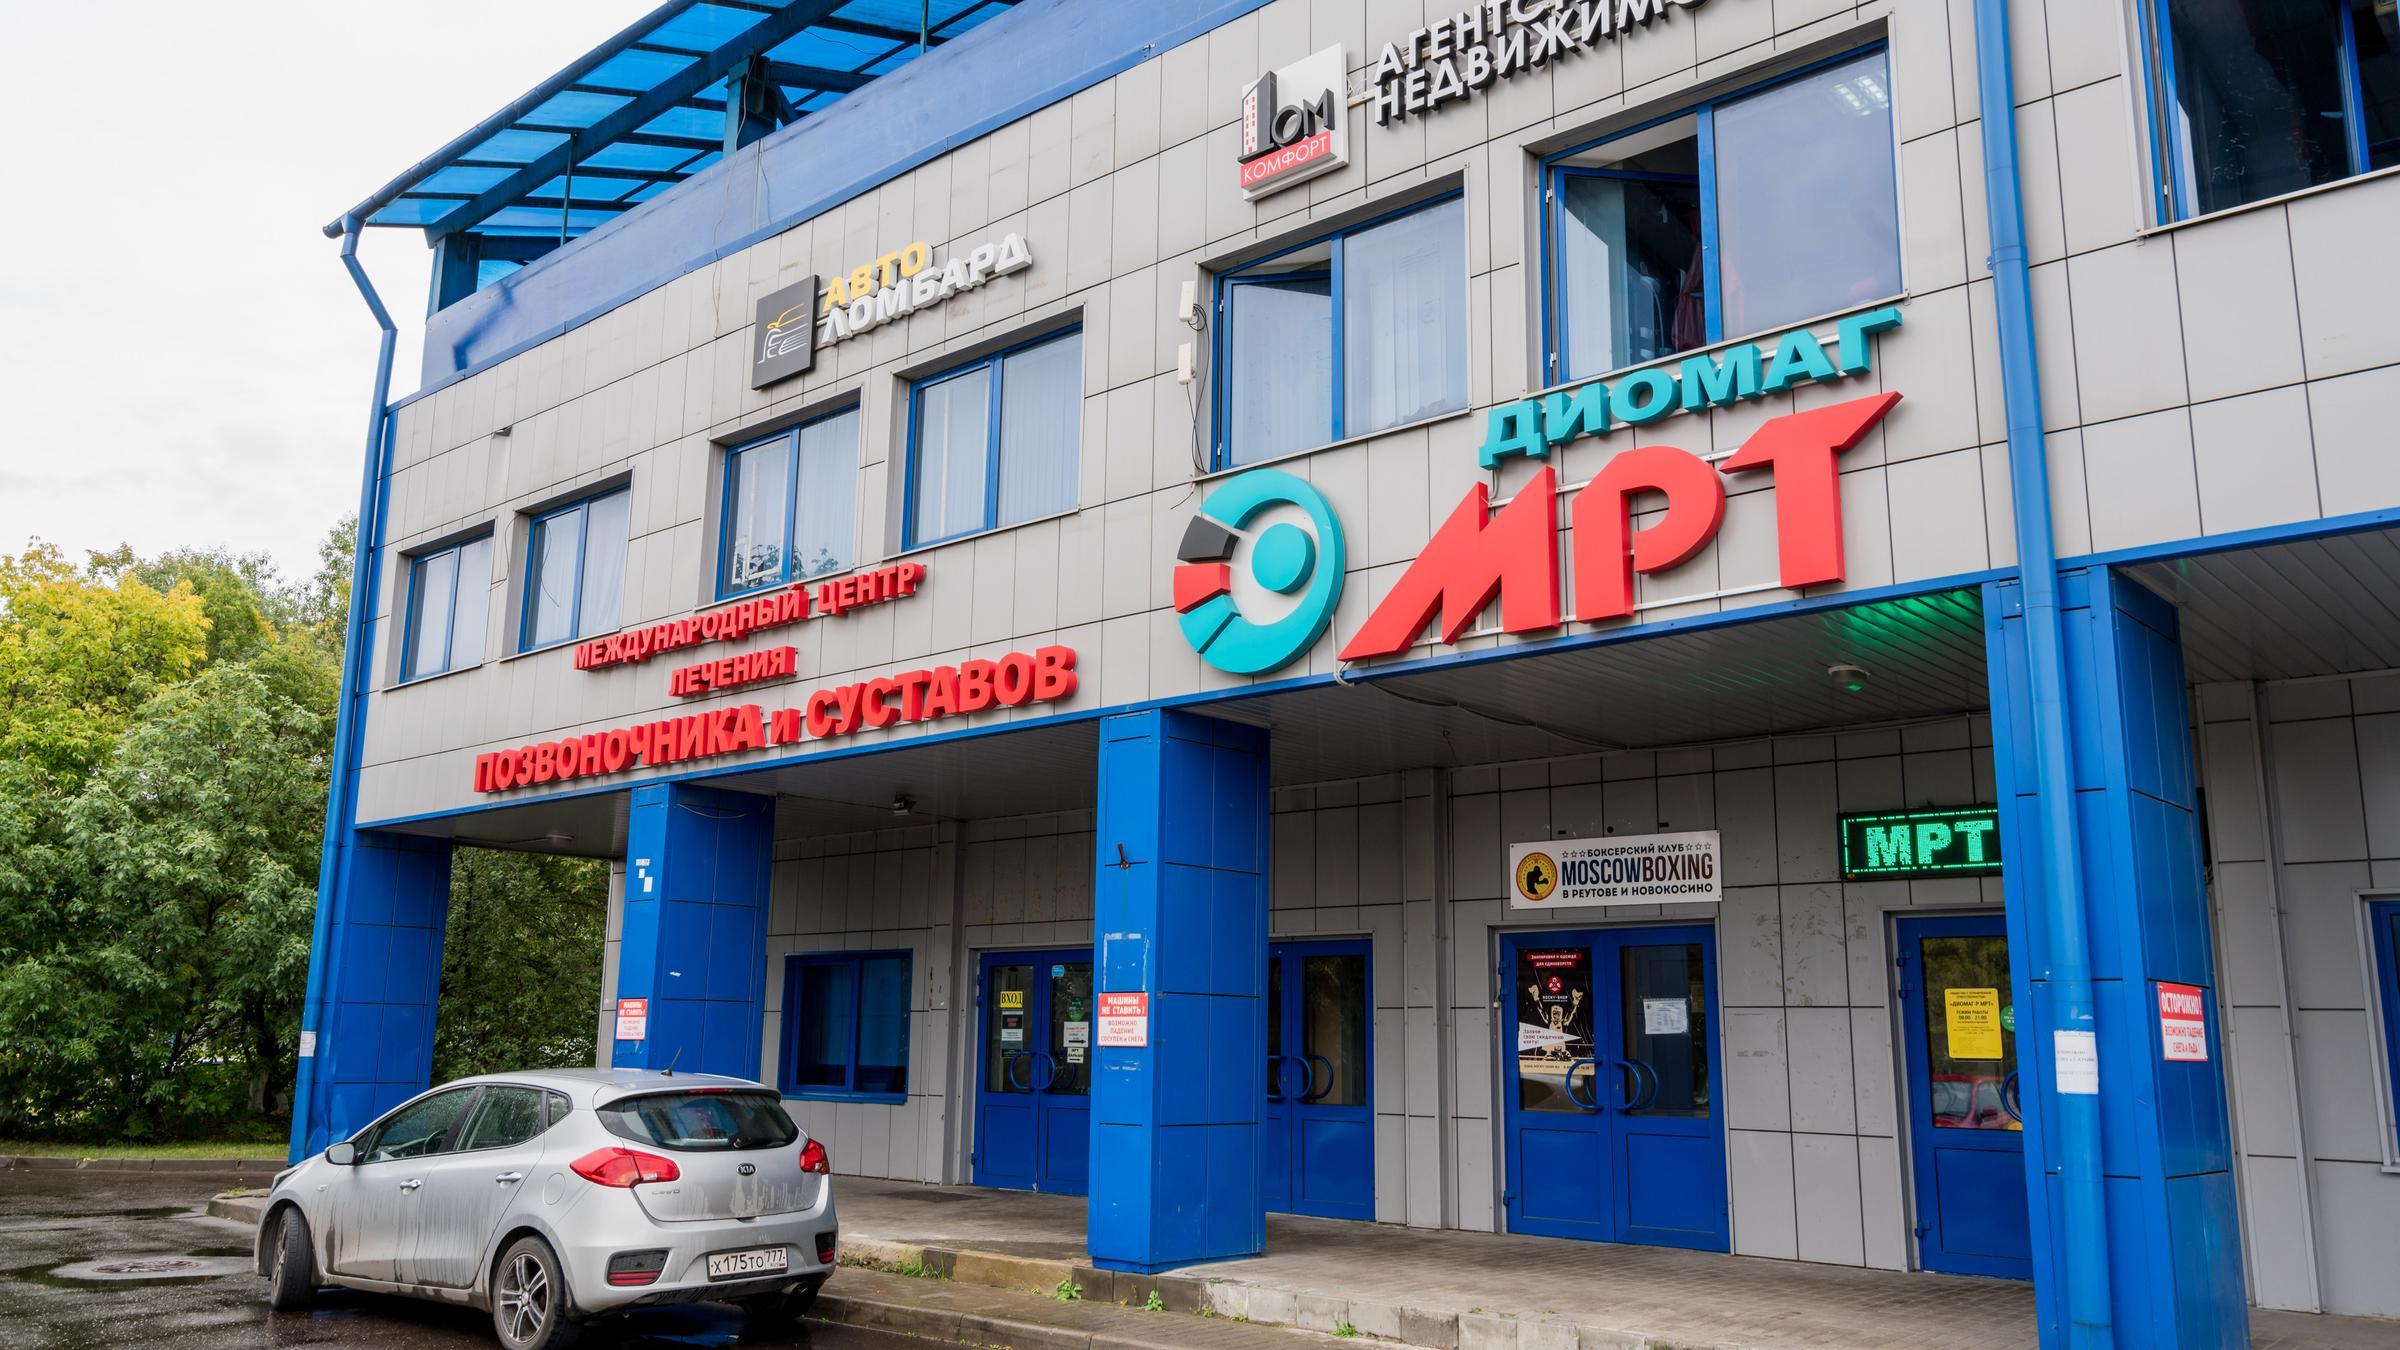 фотография Лечебно-диагностического центра Диомаг-Р в Реутове